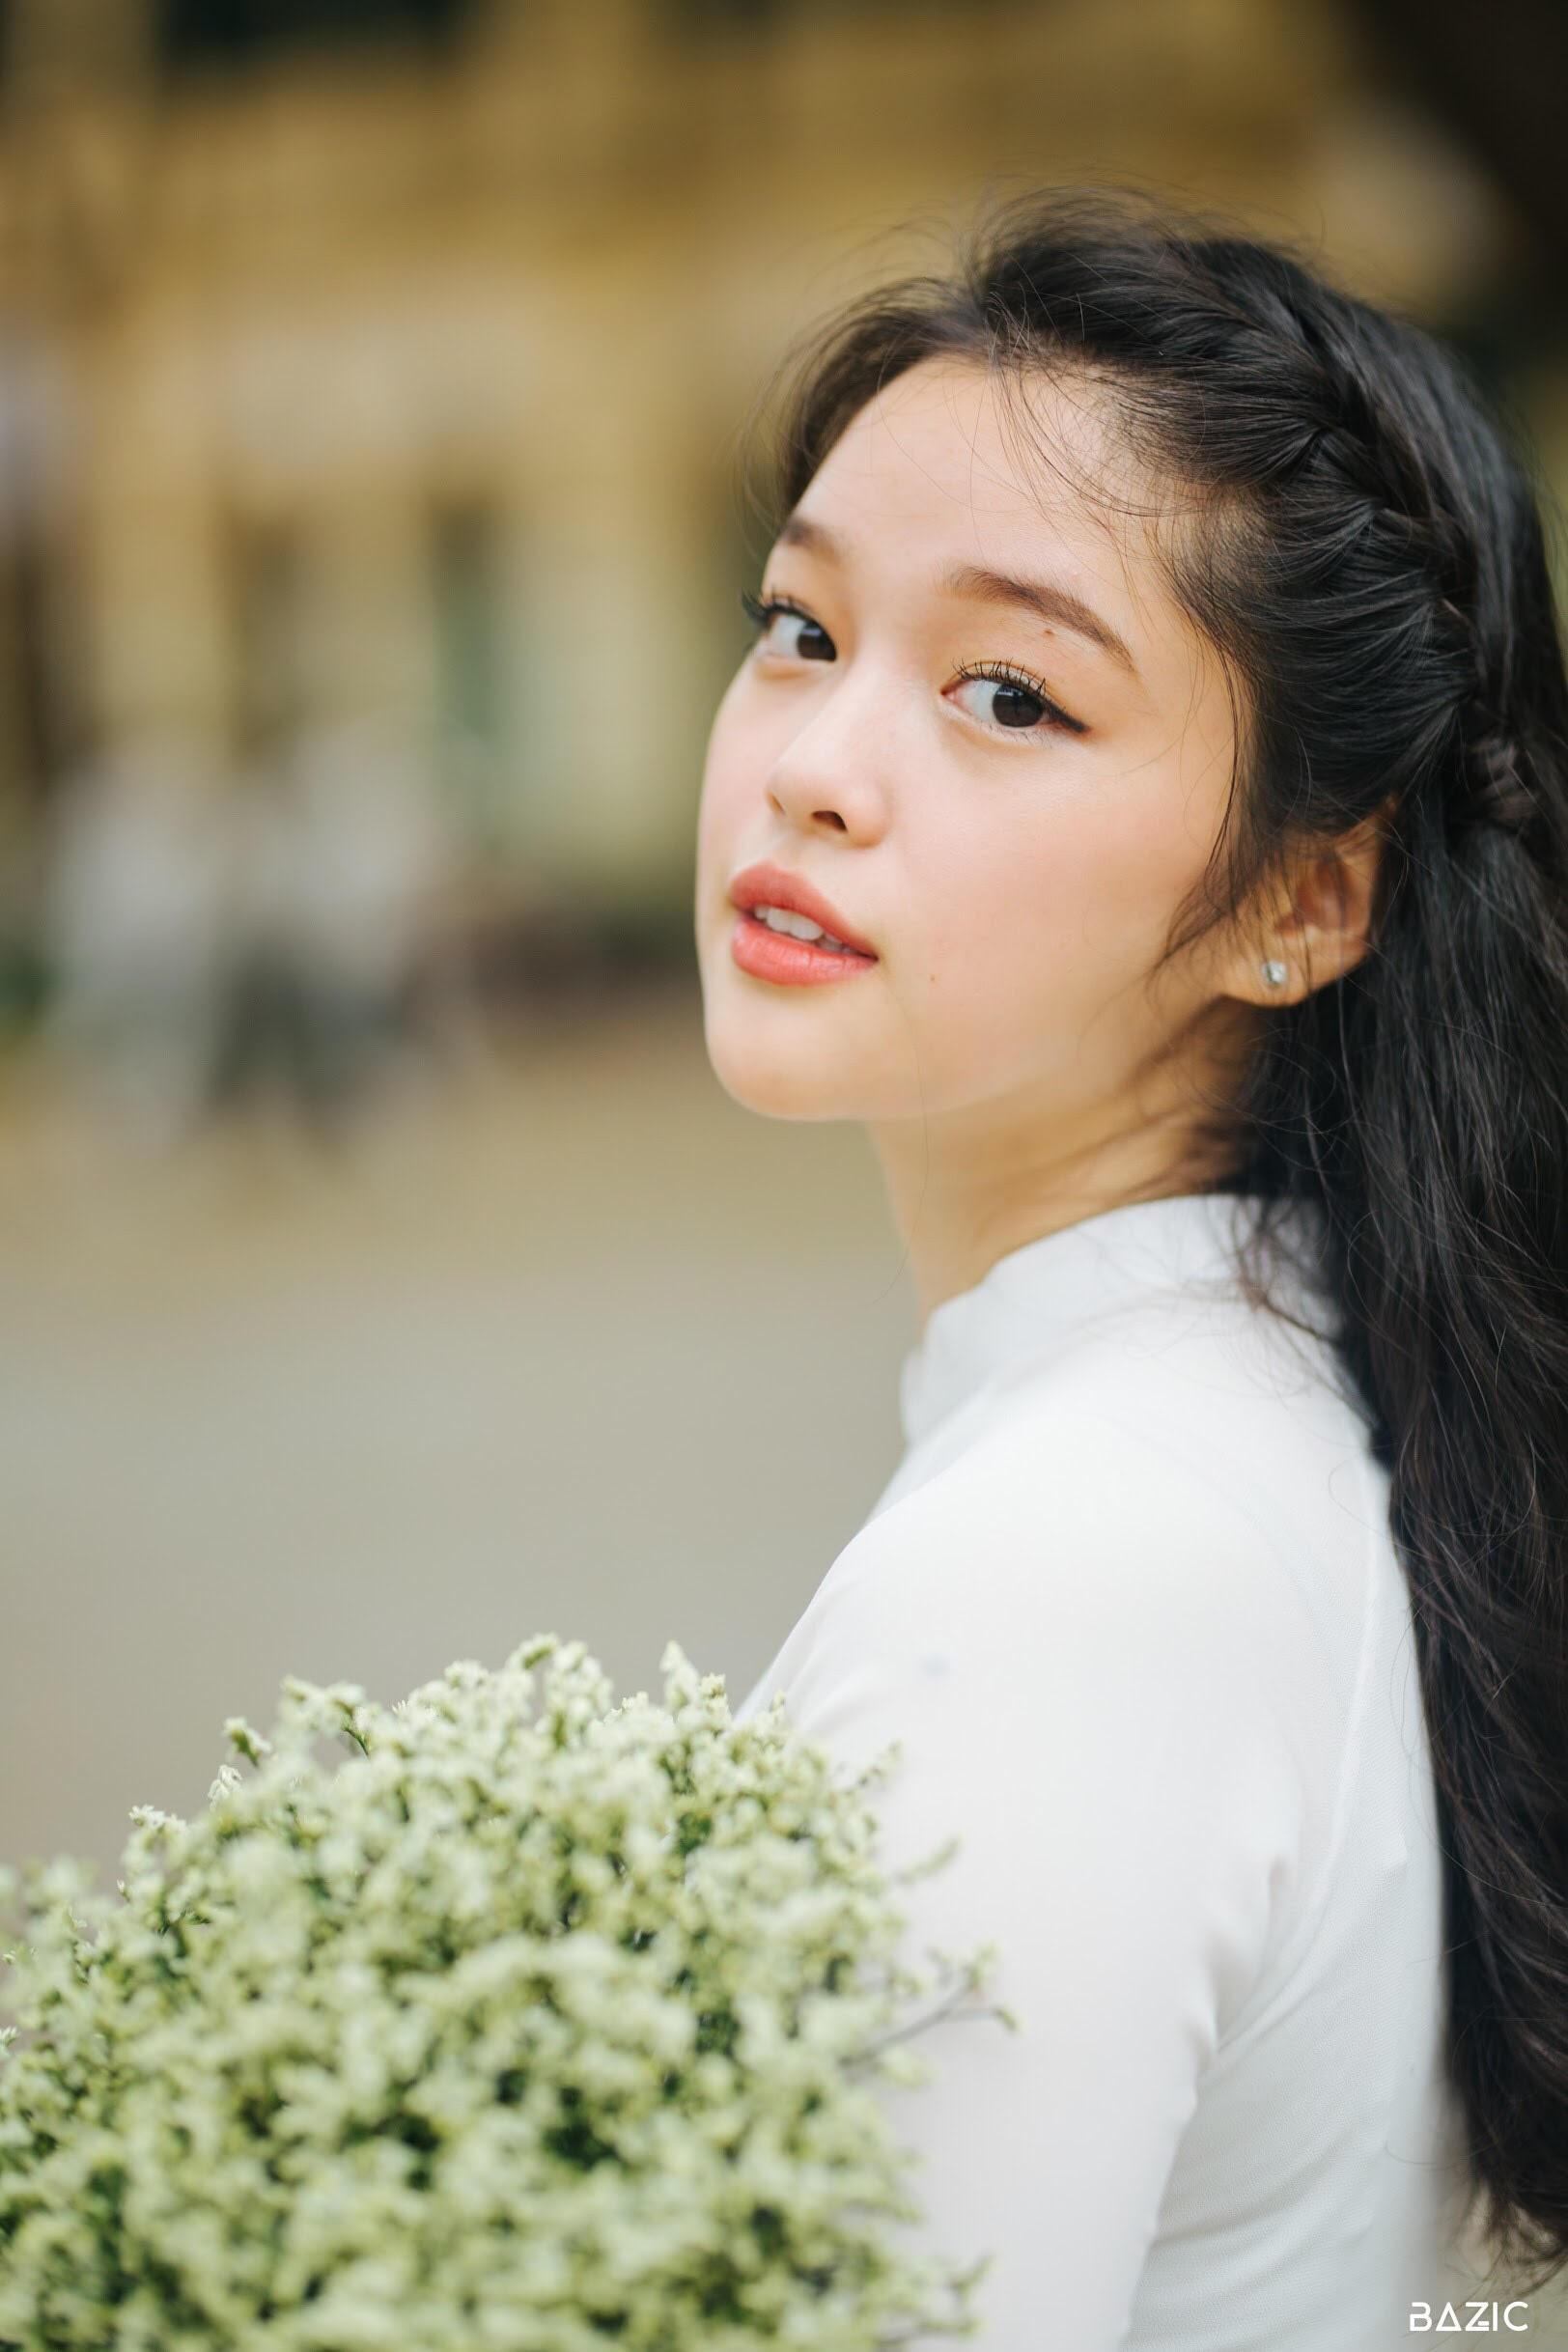 Ảnh 2: Nhan sắc nữ sinh trường Việt Đức - We25.vn